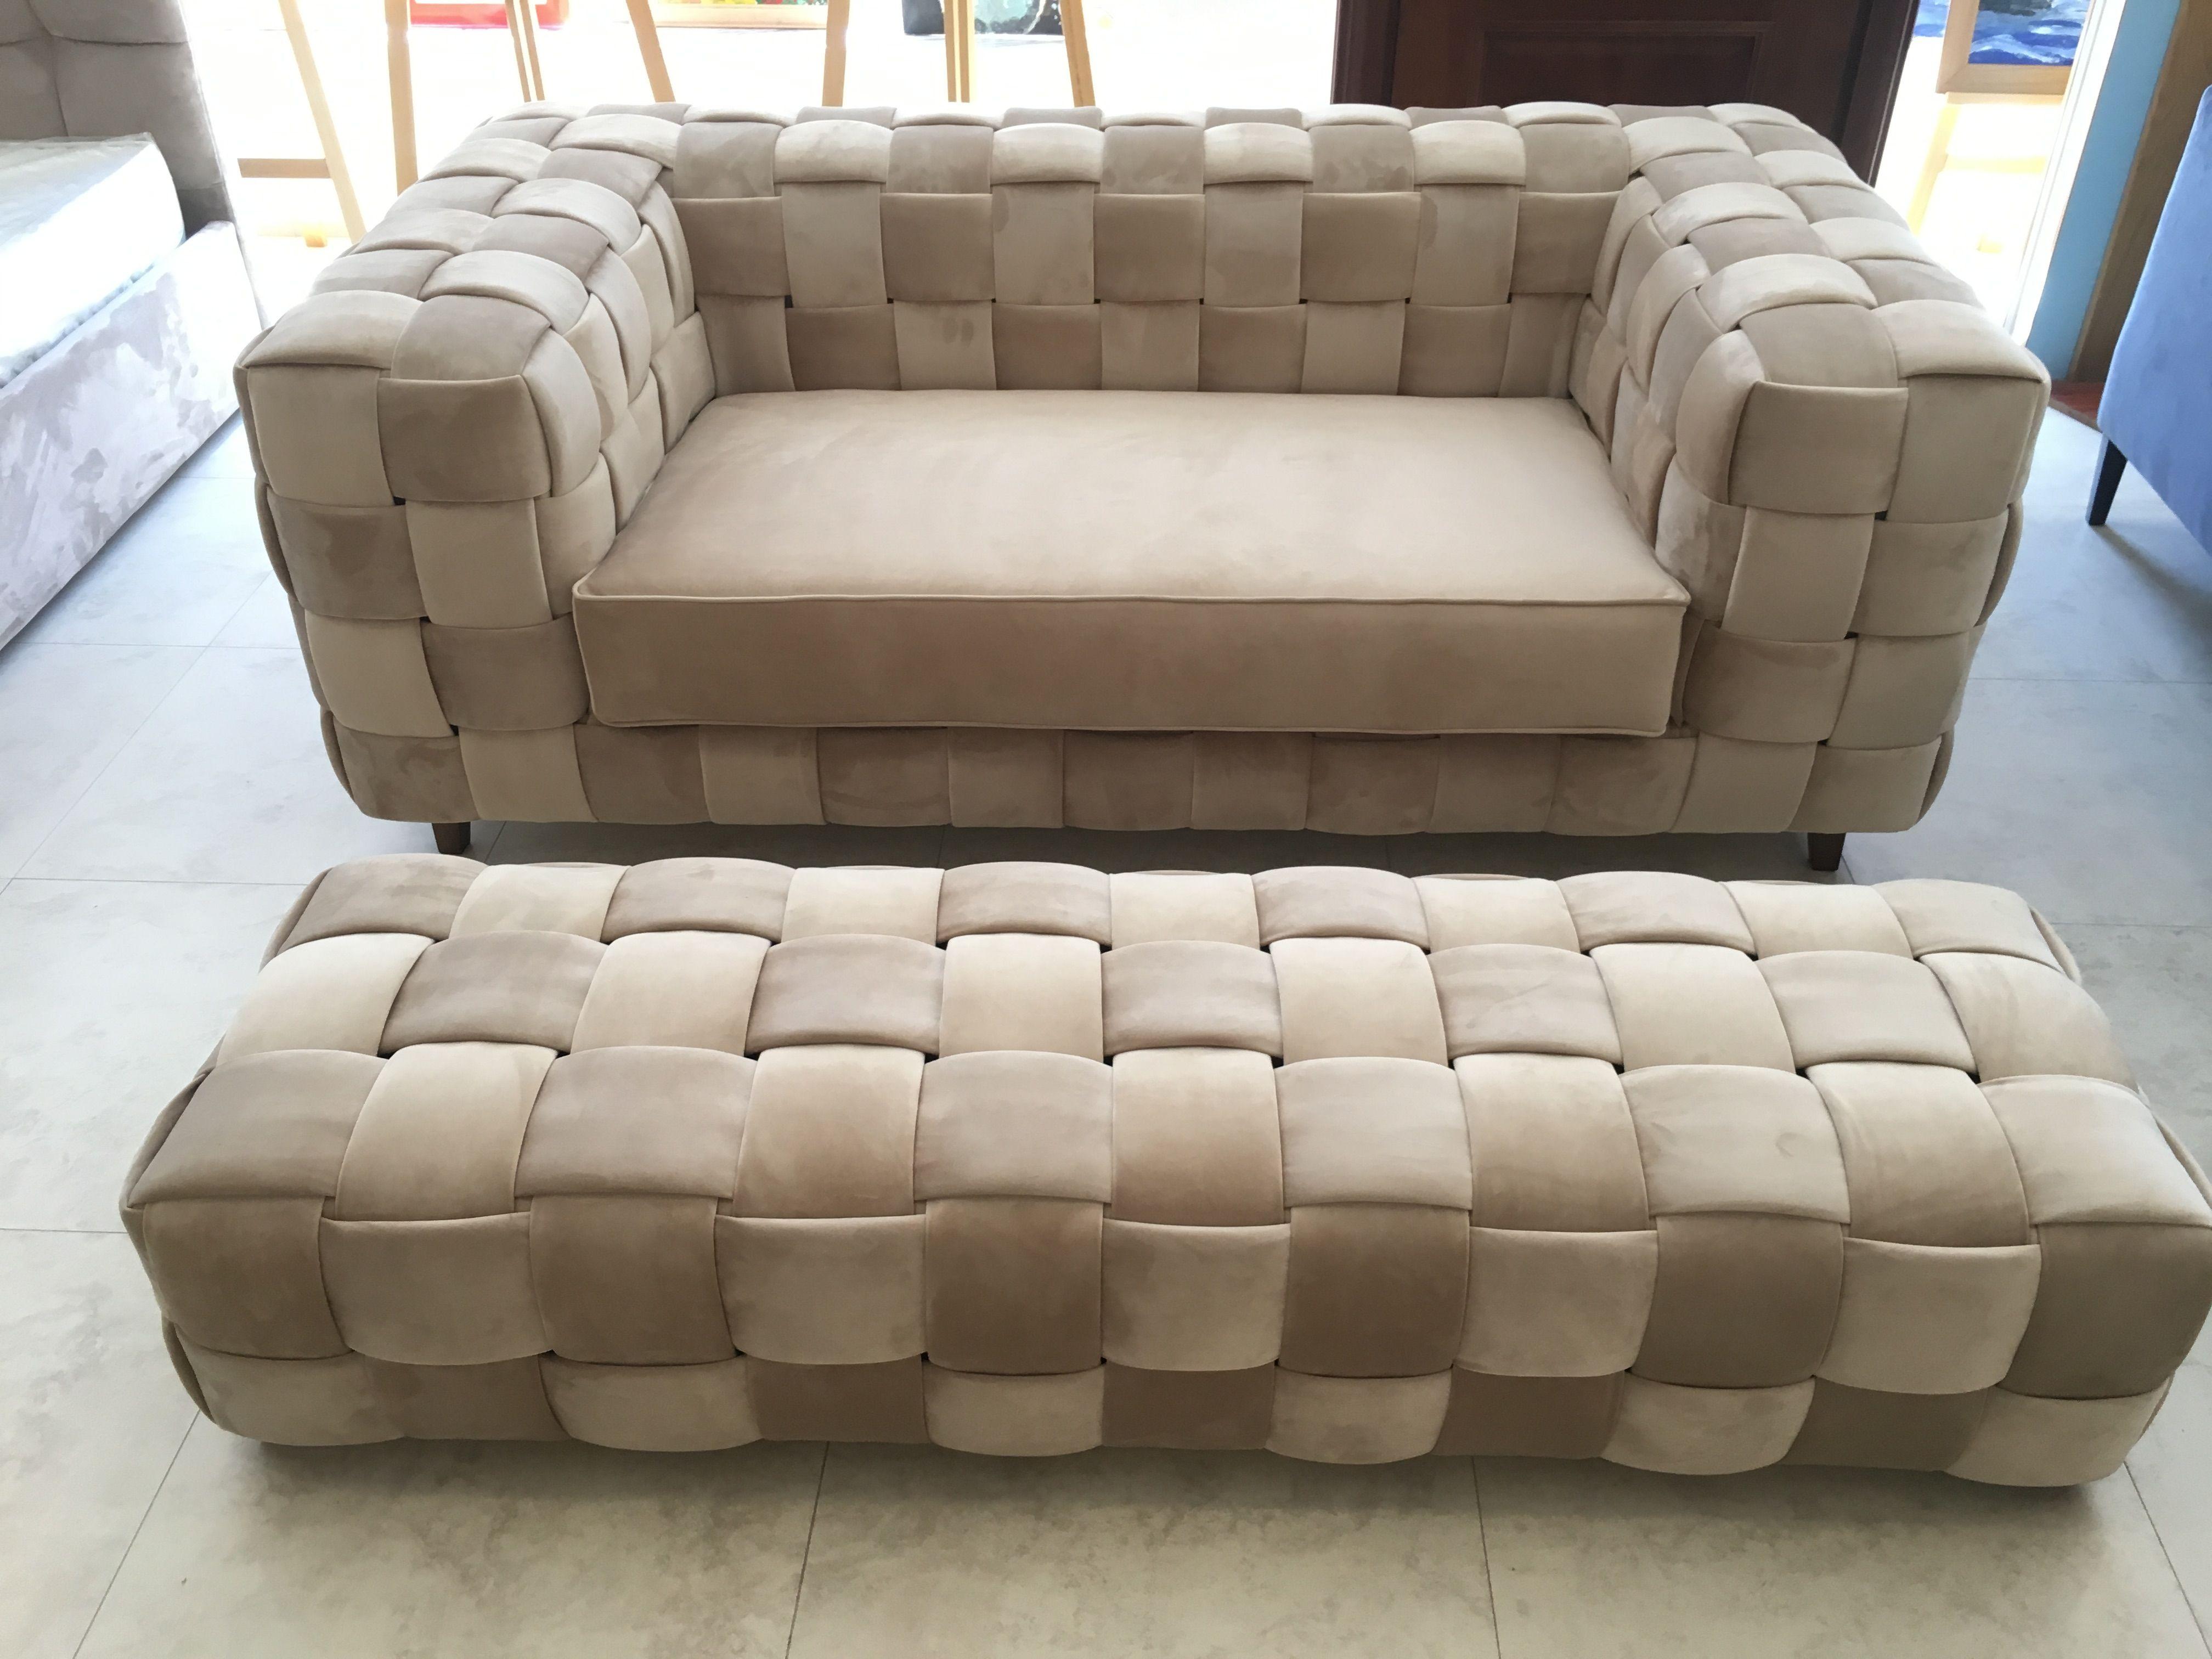 Sofa szachownica möbler pinterest upholstery sofa set and